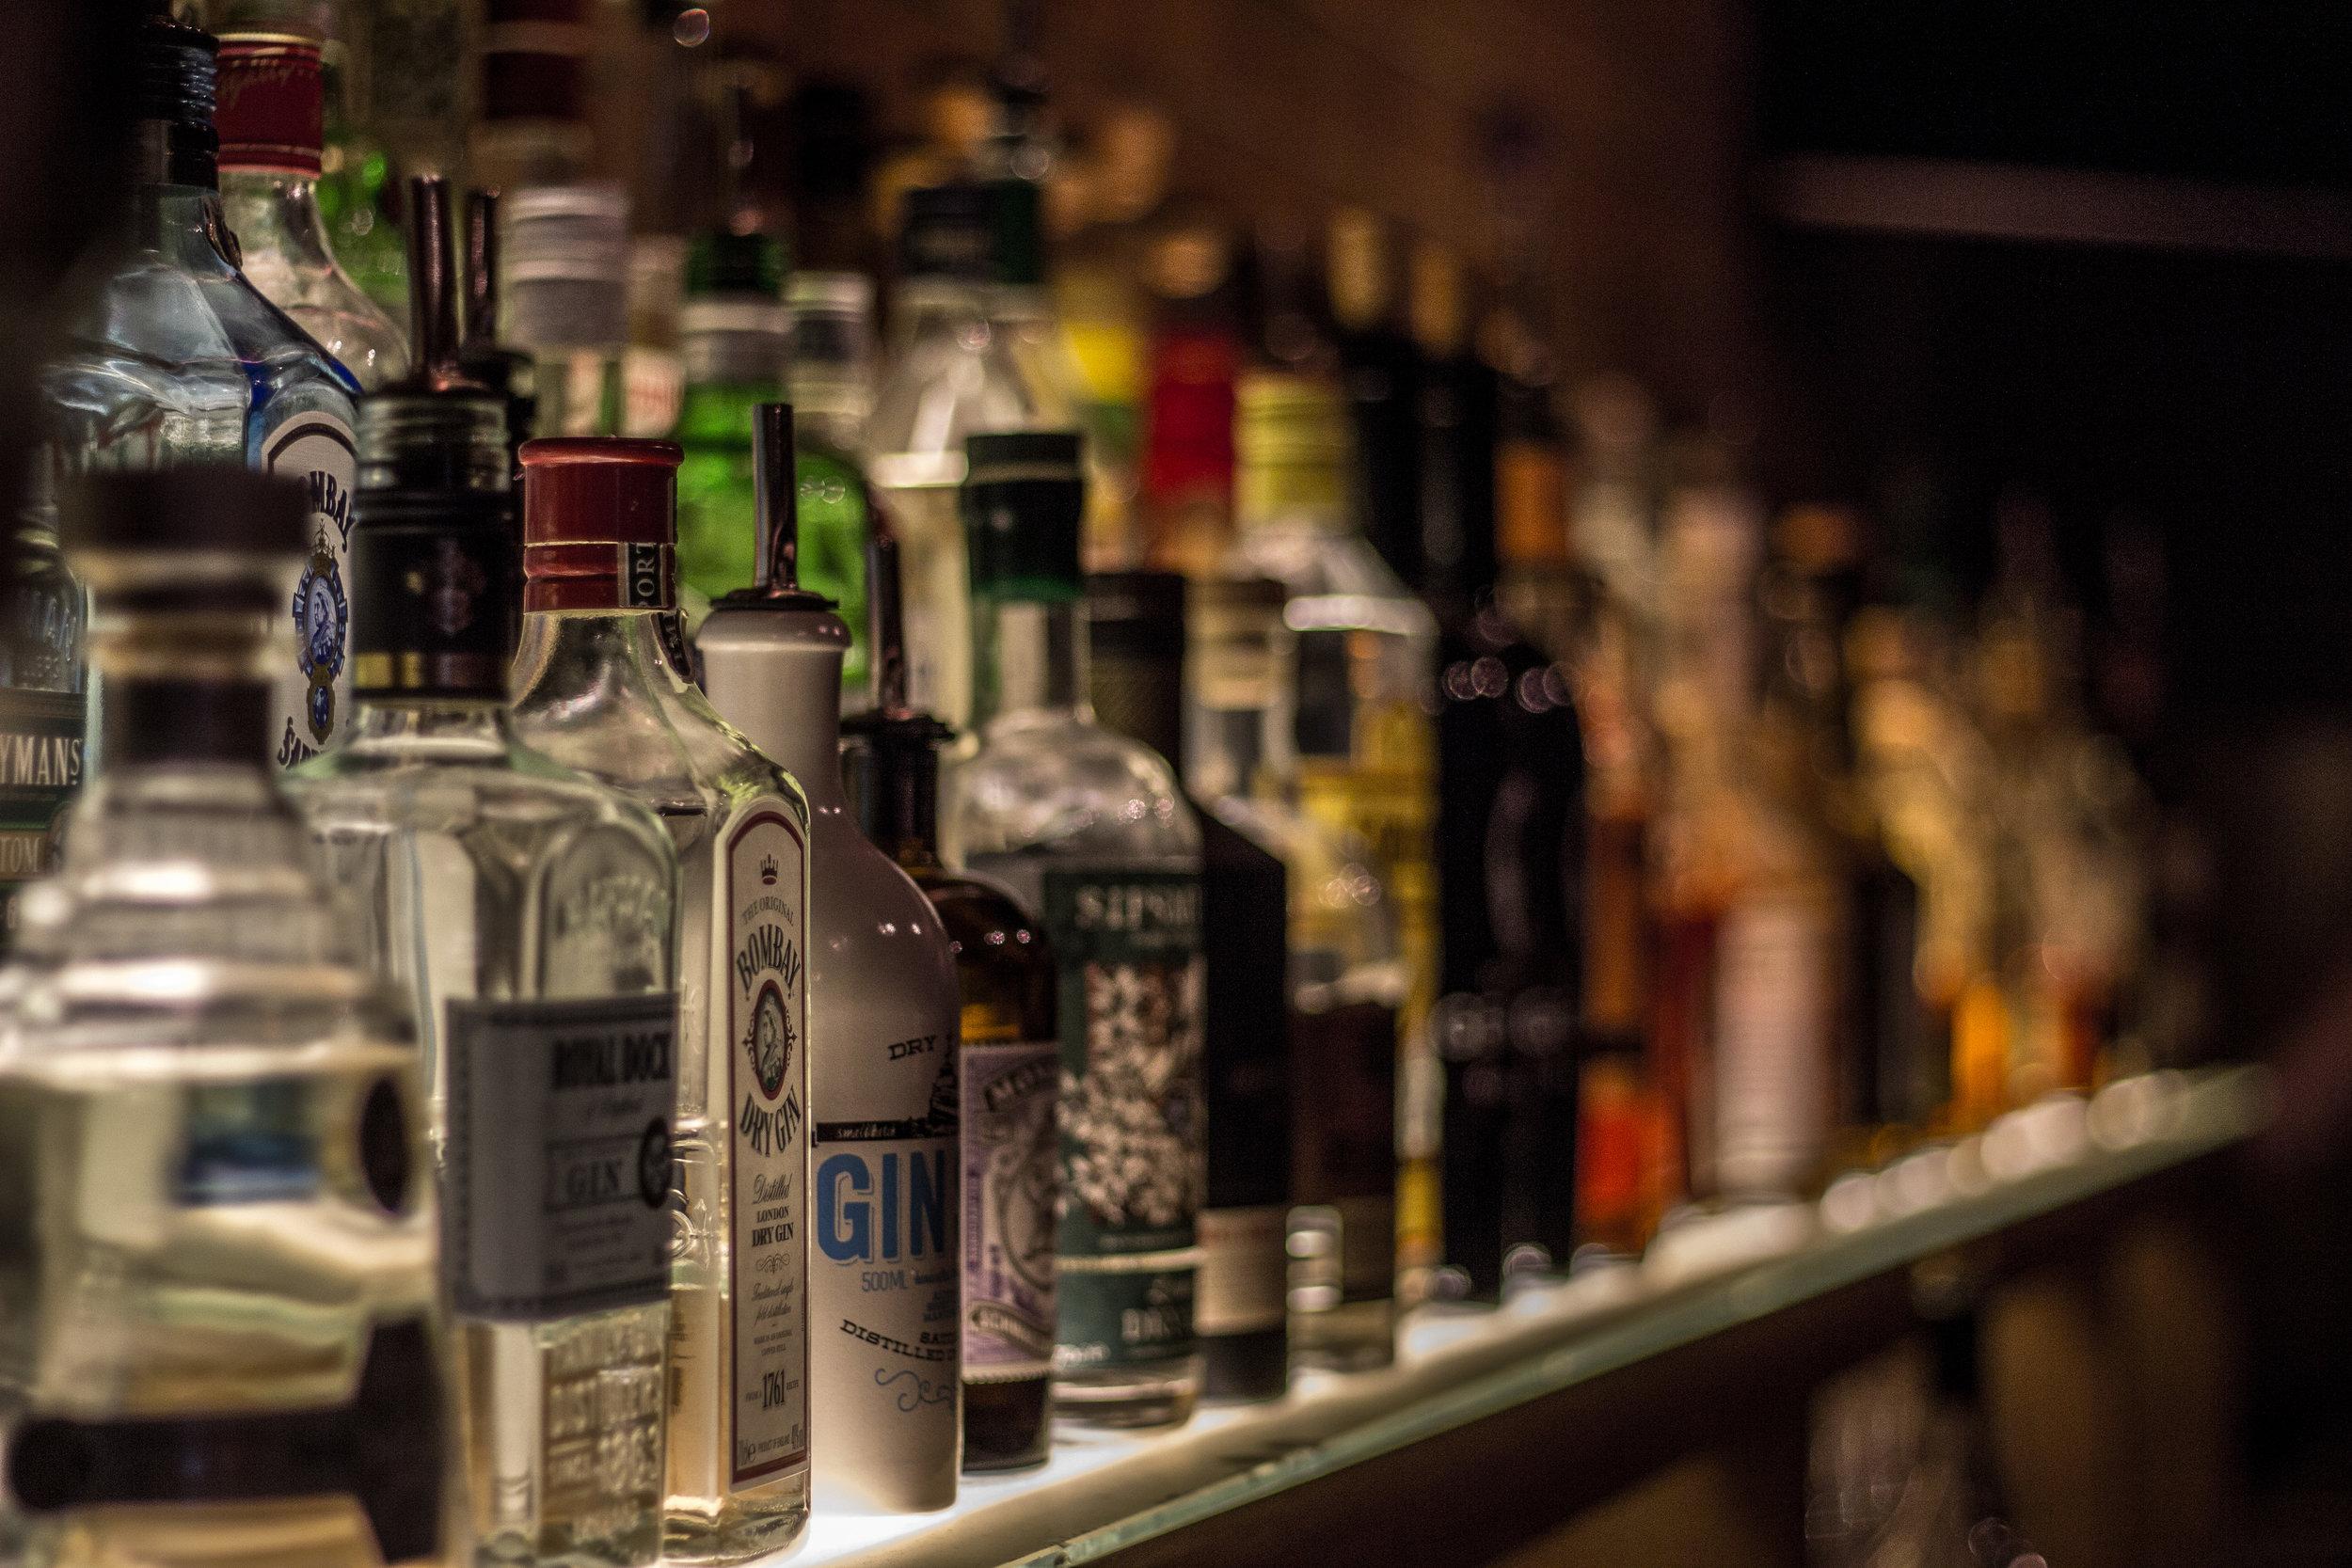 Backbar_with_various_bottles.jpg